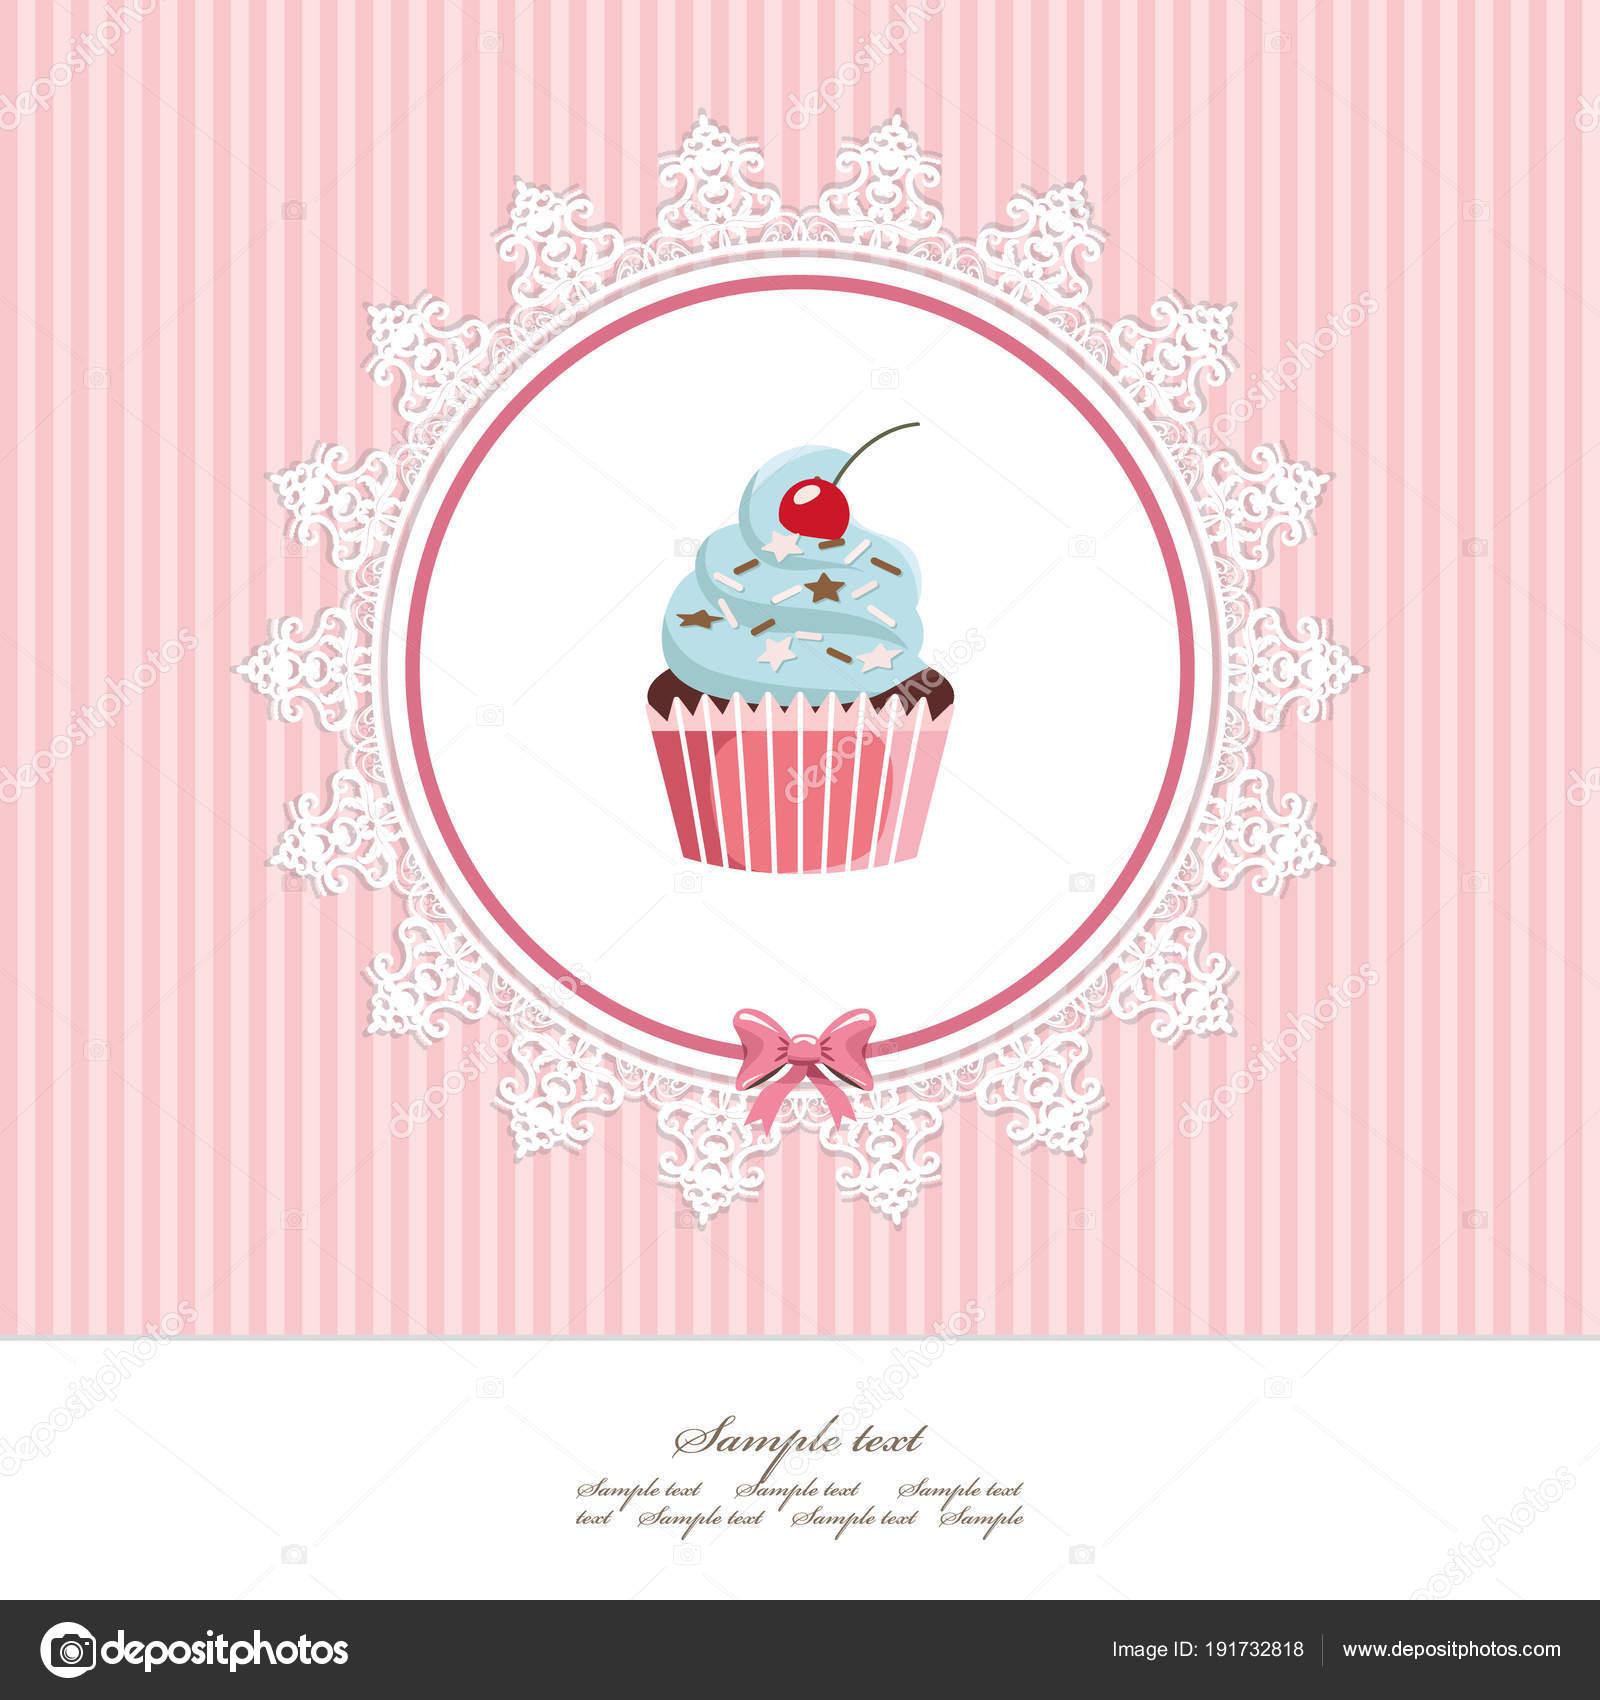 Modele De Carte De Voeux Avec Cupcake Pour Les Dessins Anniversaire